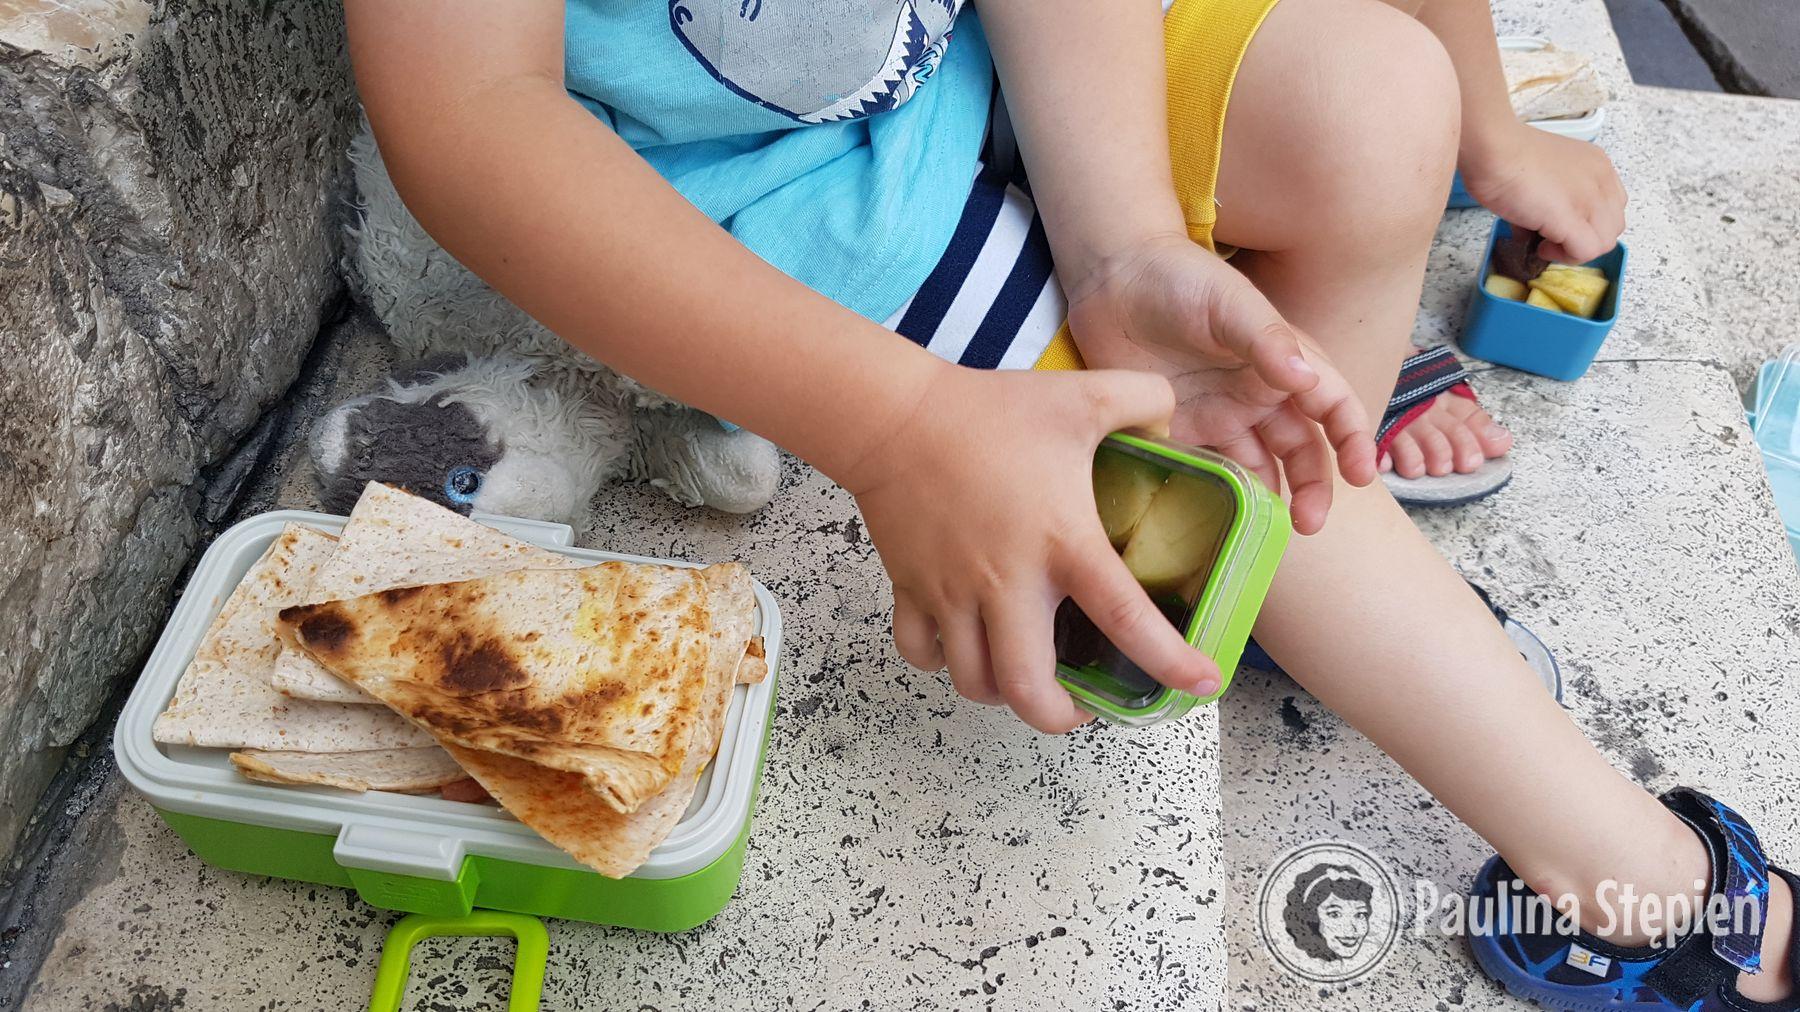 W tym pojemniku naprawdę można zmieścić jedzenie na cały dzień. Na dole makaron, na górze podwieczorek, w pudełkach owoce i warzywa